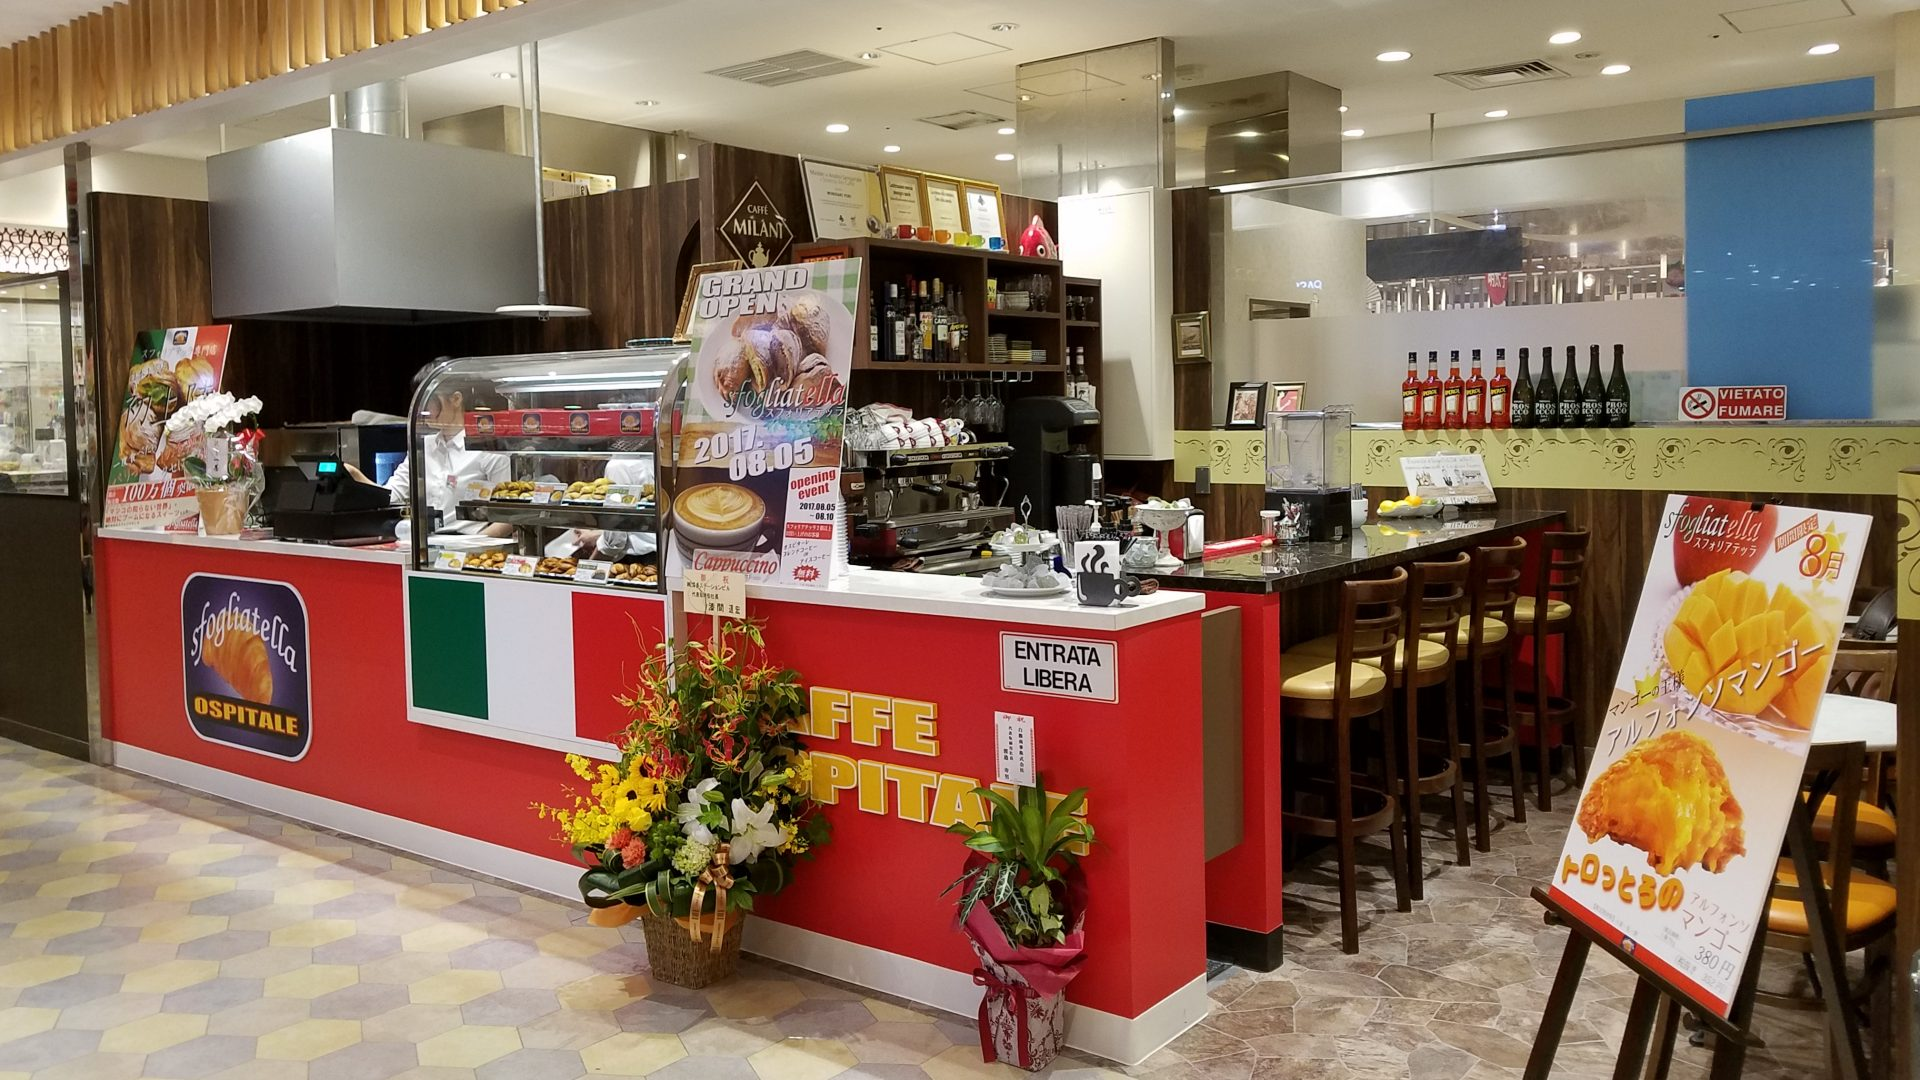 イタリアナポリ伝統ドルチェ【スフォリアテッラ】